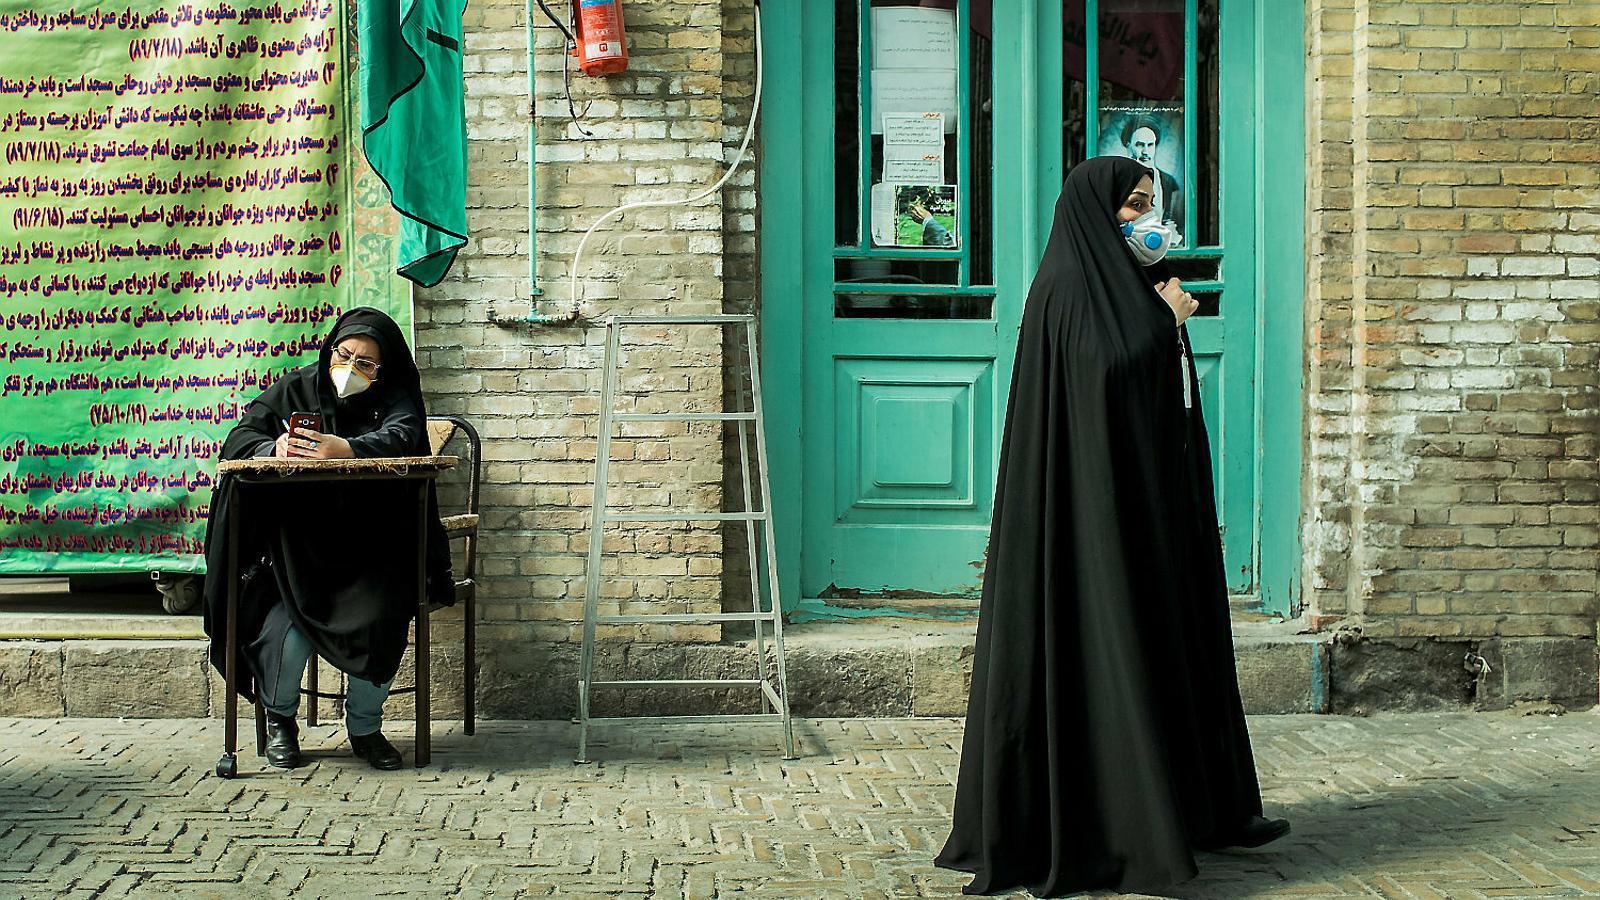 L'Iran, l'altre nou focus on s'escampa el coronavirus